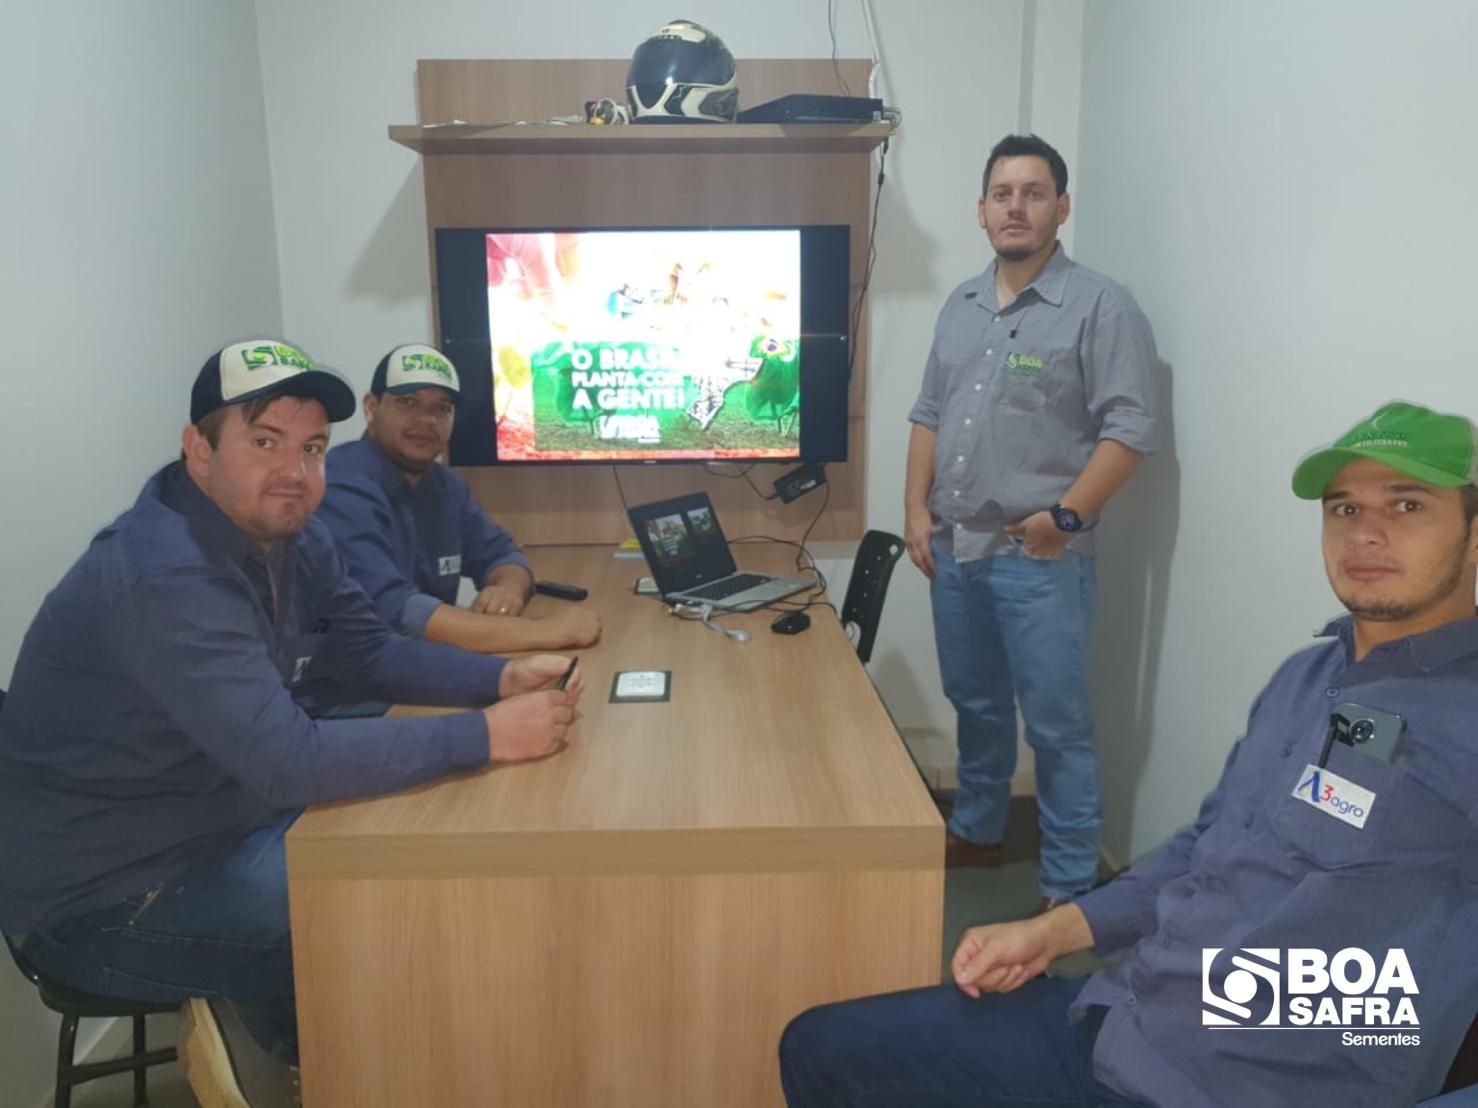 Boa Safra fecha parceria com a revenda A3 Agro, em Balsas/MA